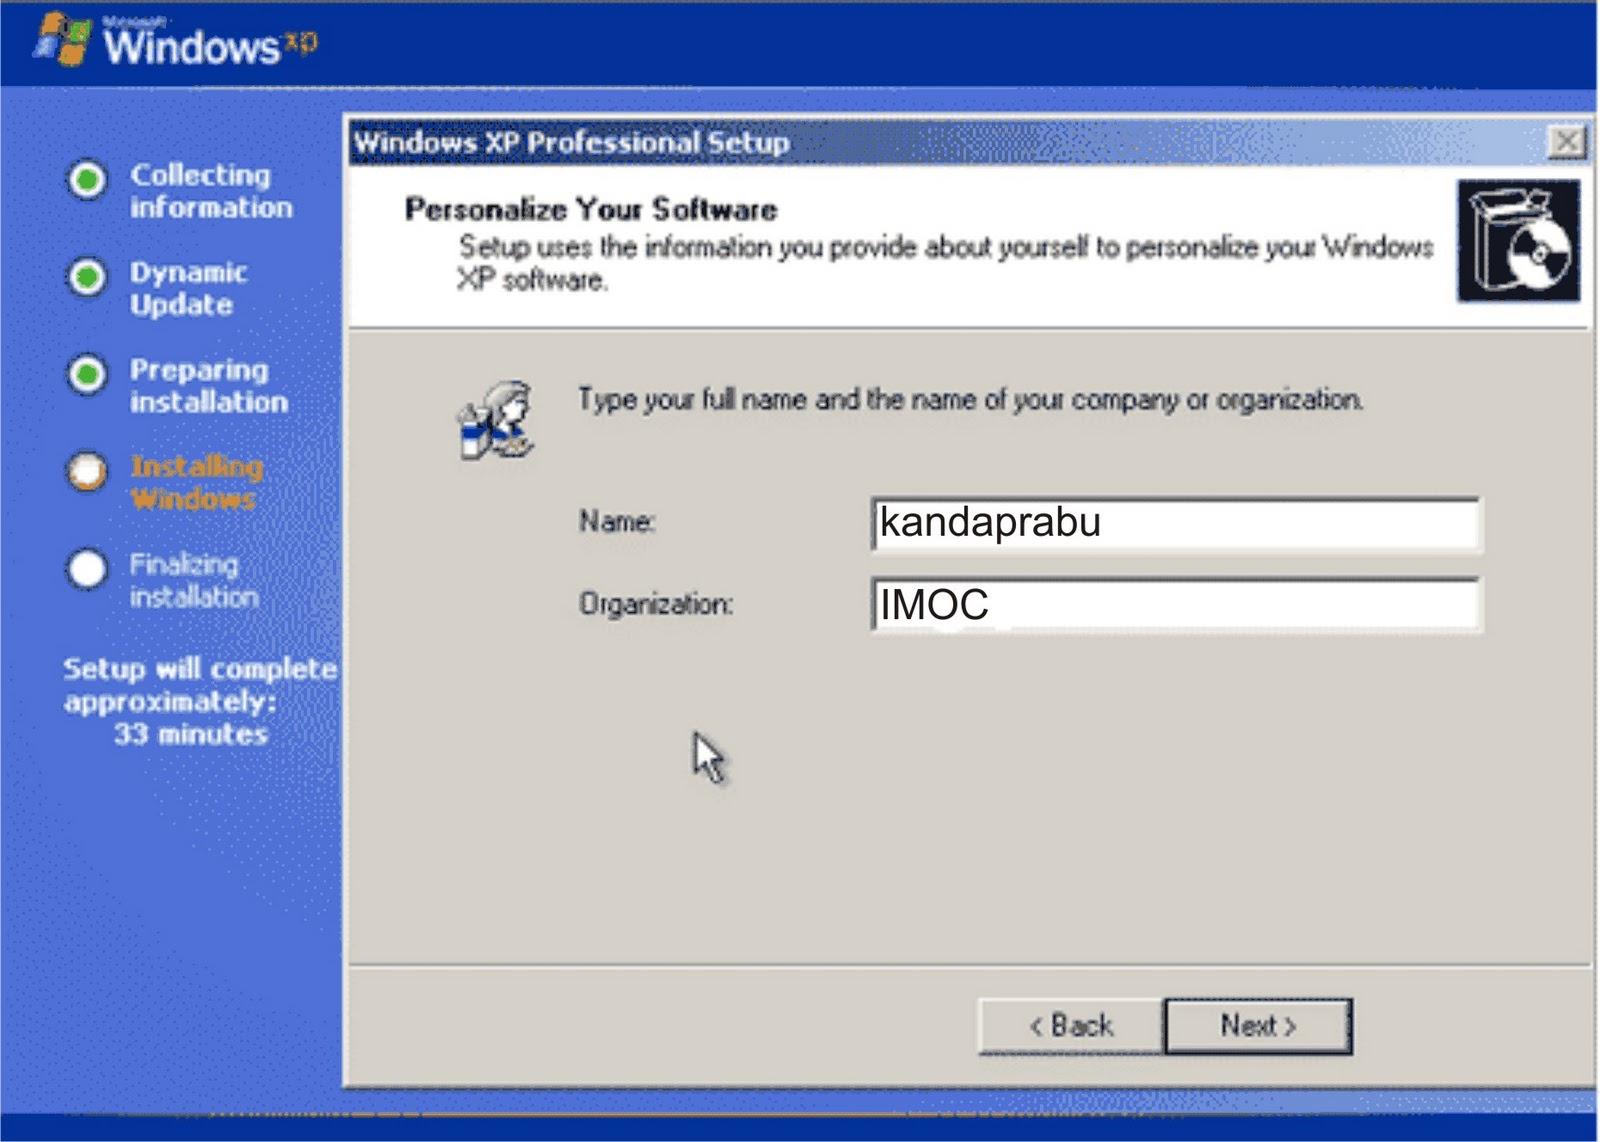 Cara instal ulang Windows XP   Mekatronika & Komputer